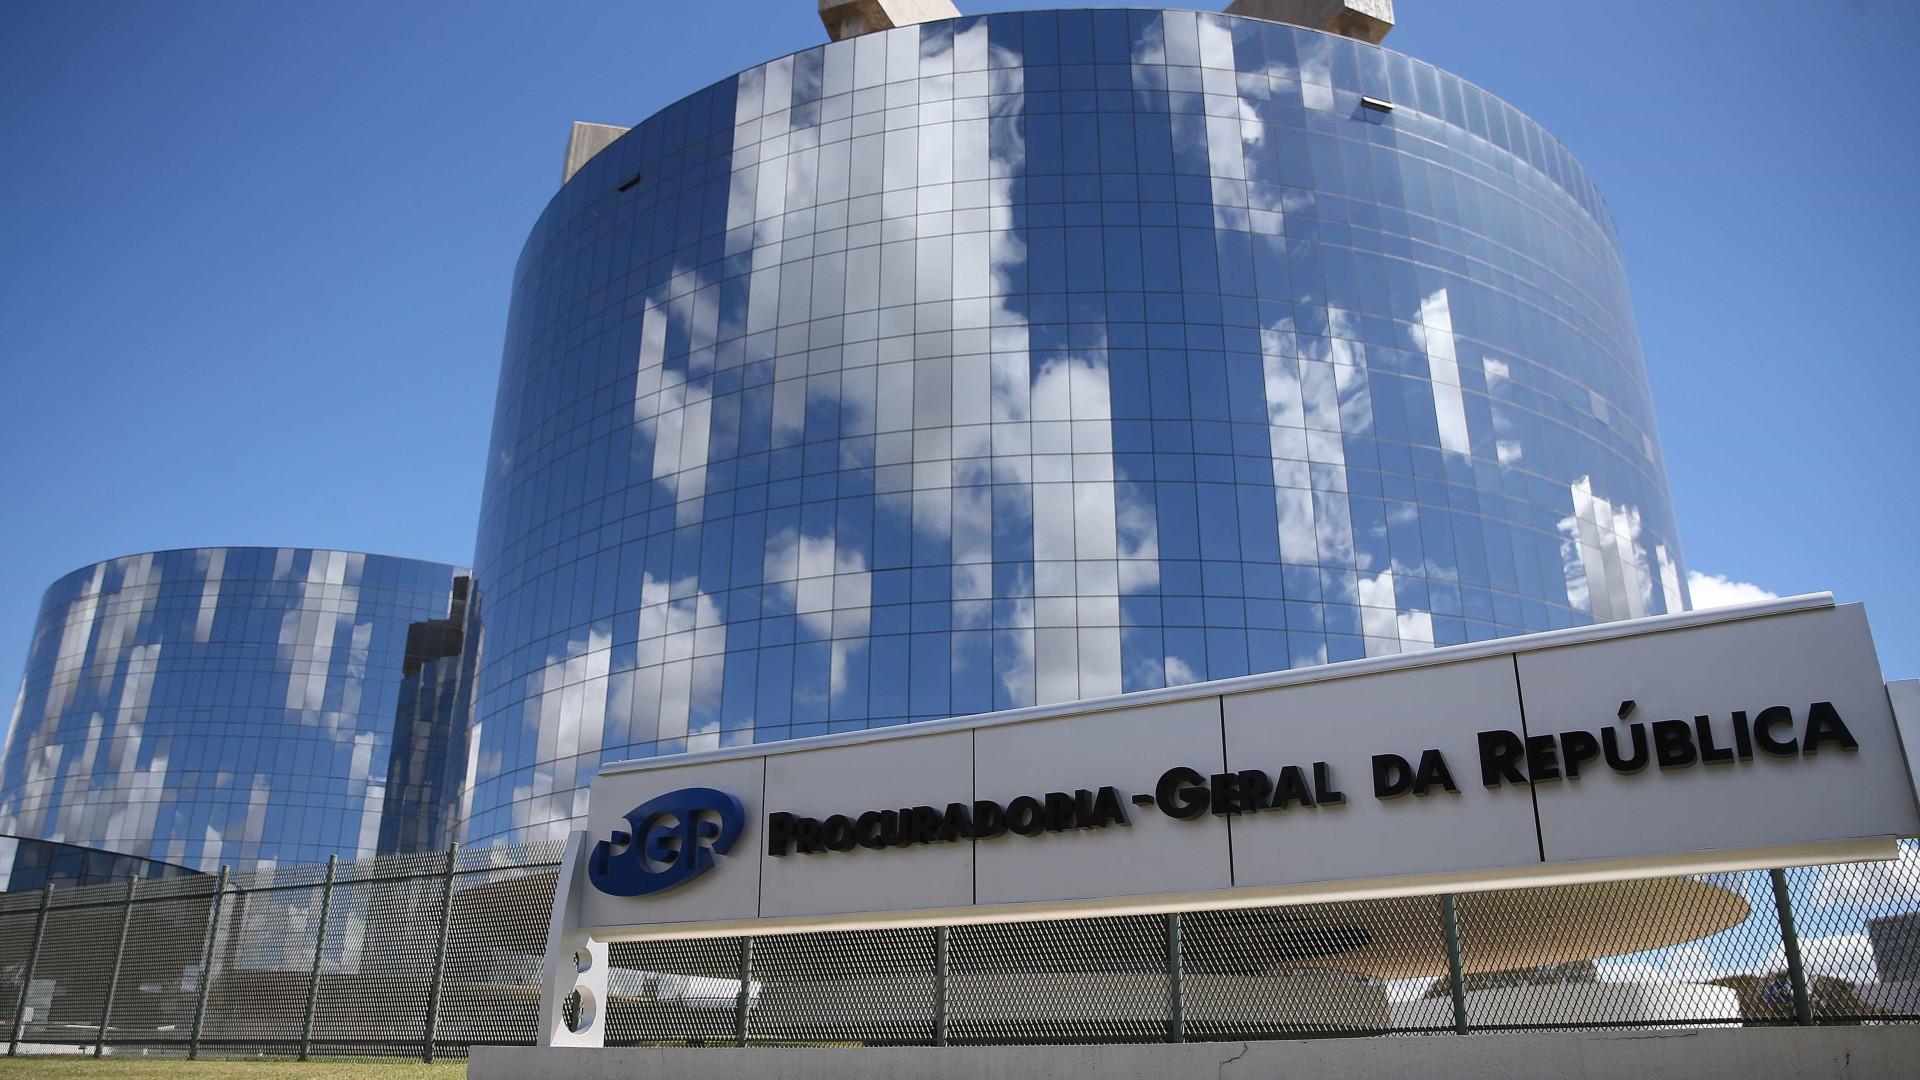 PGR volta a defender execução da pena após condenação em 2ª instância